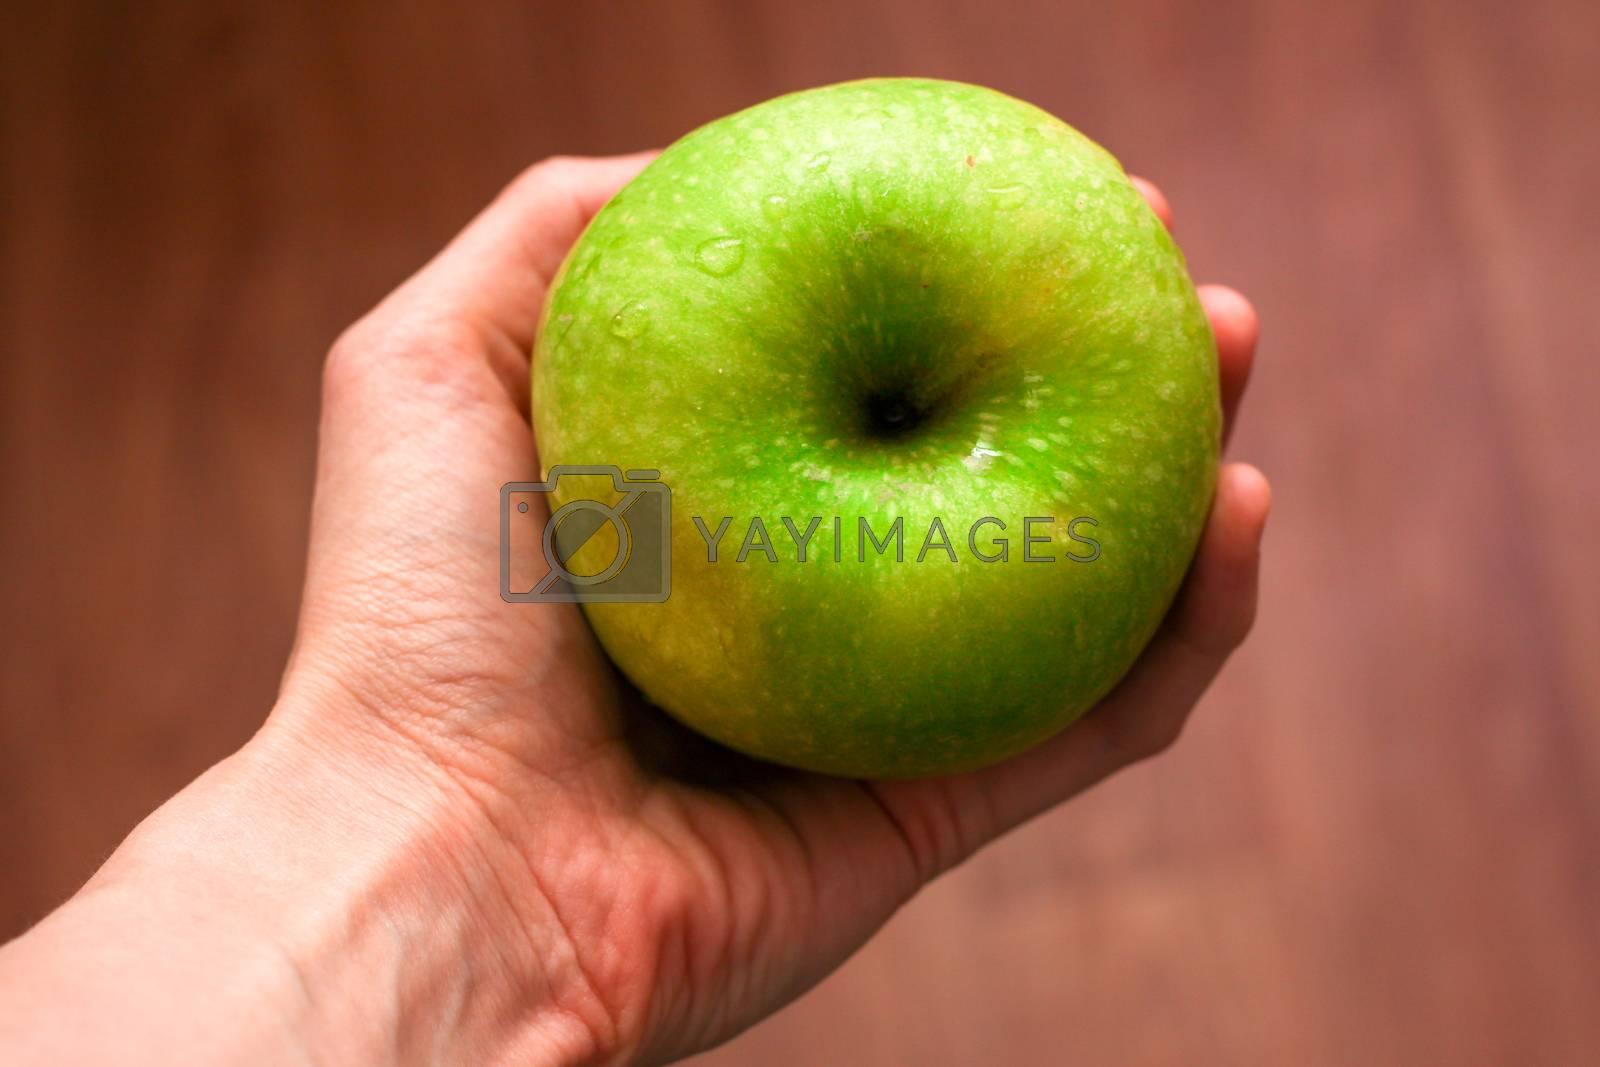 Green apple with drops of water in hand by Evgeniia Vasileva